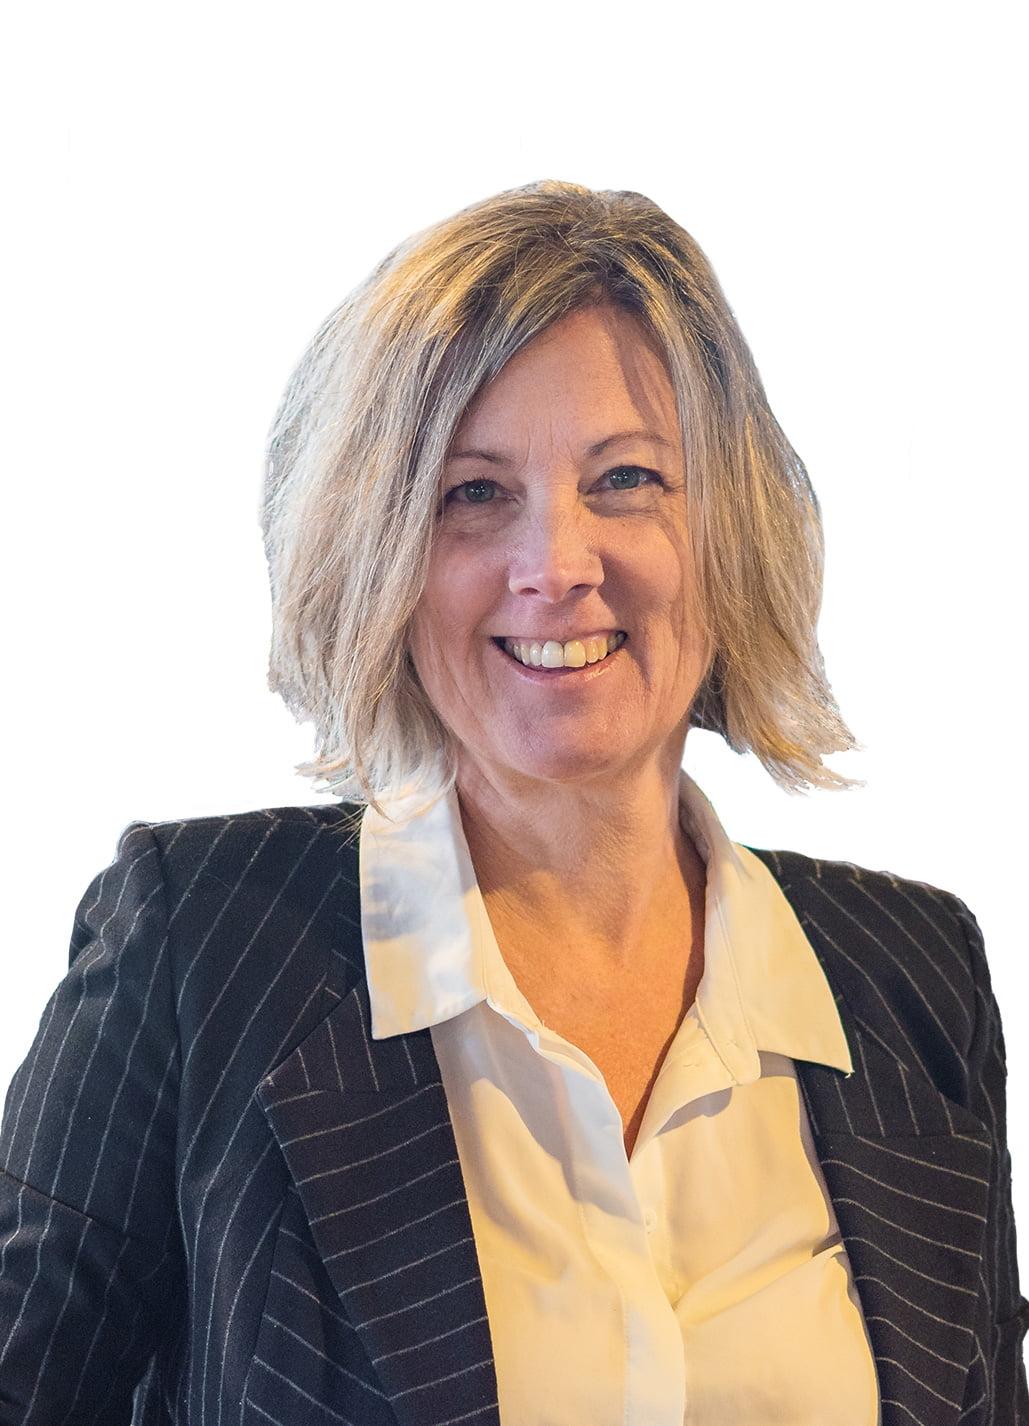 Lynn Weller